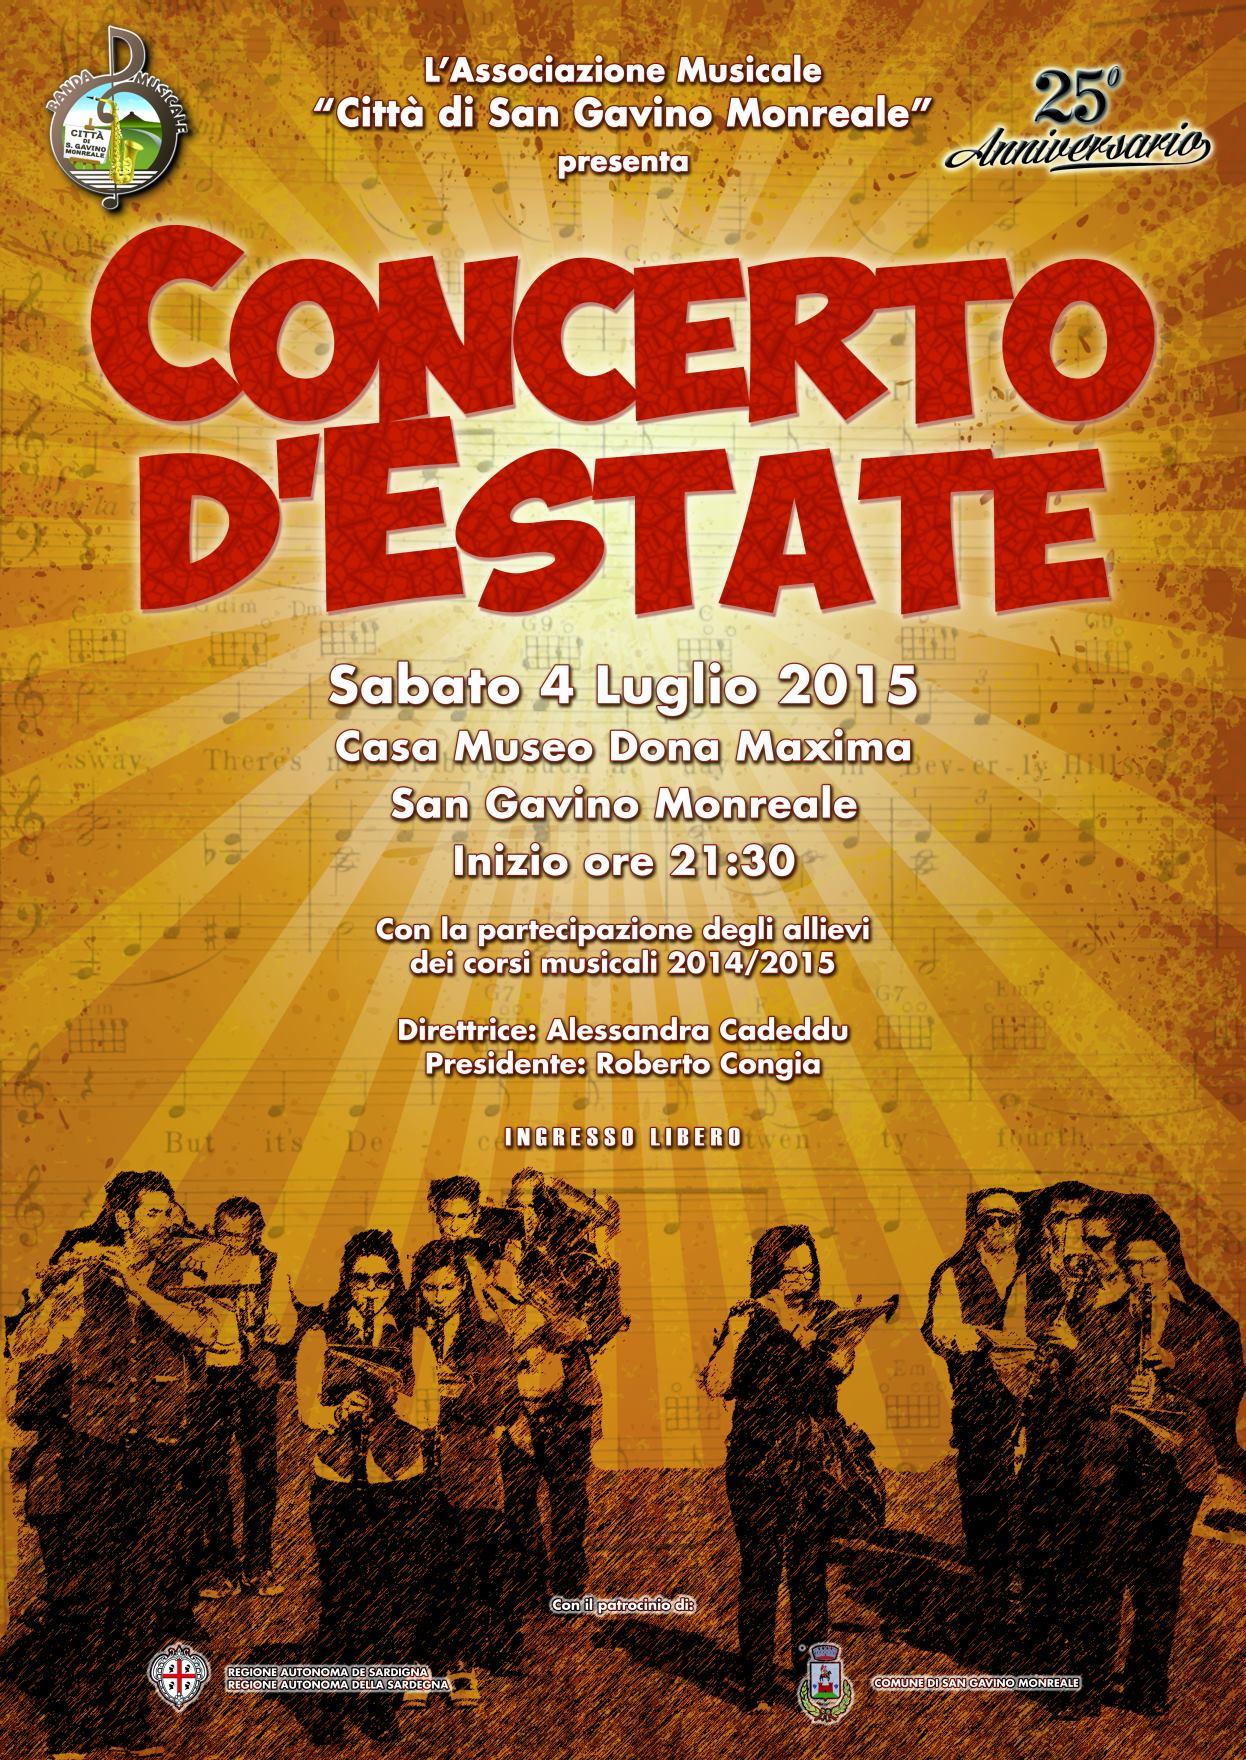 Concerto d'Estate 2015